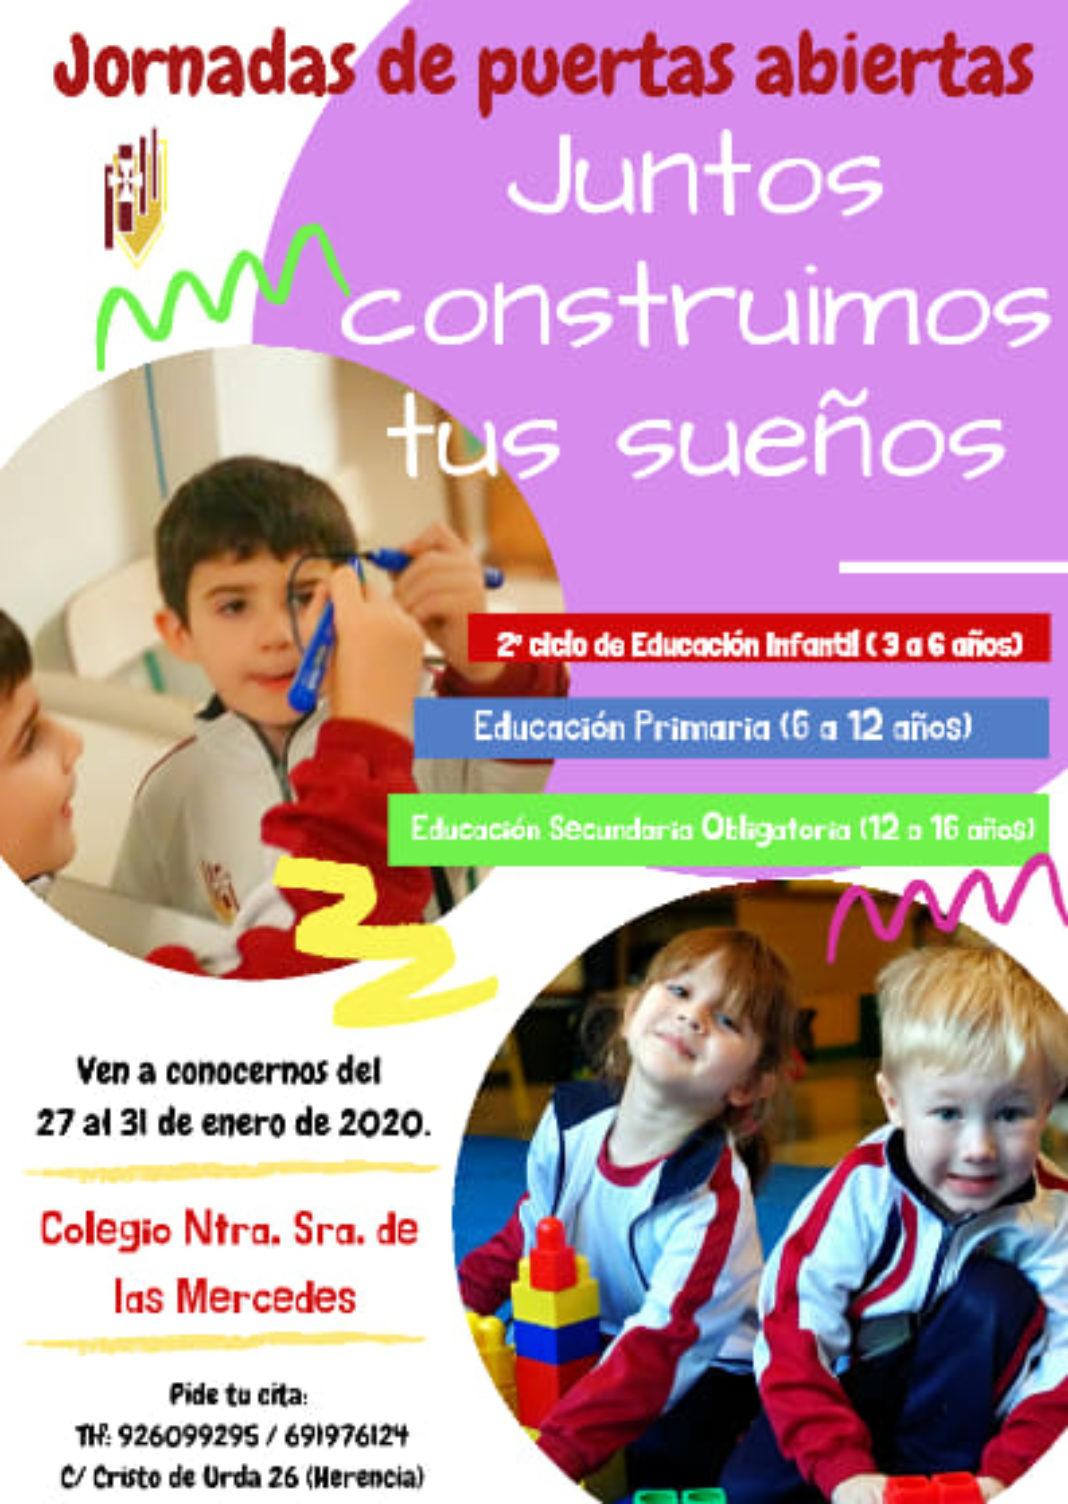 Jornadas de puertas abiertas del colegio Nuestra Señora de las Mercedes 4